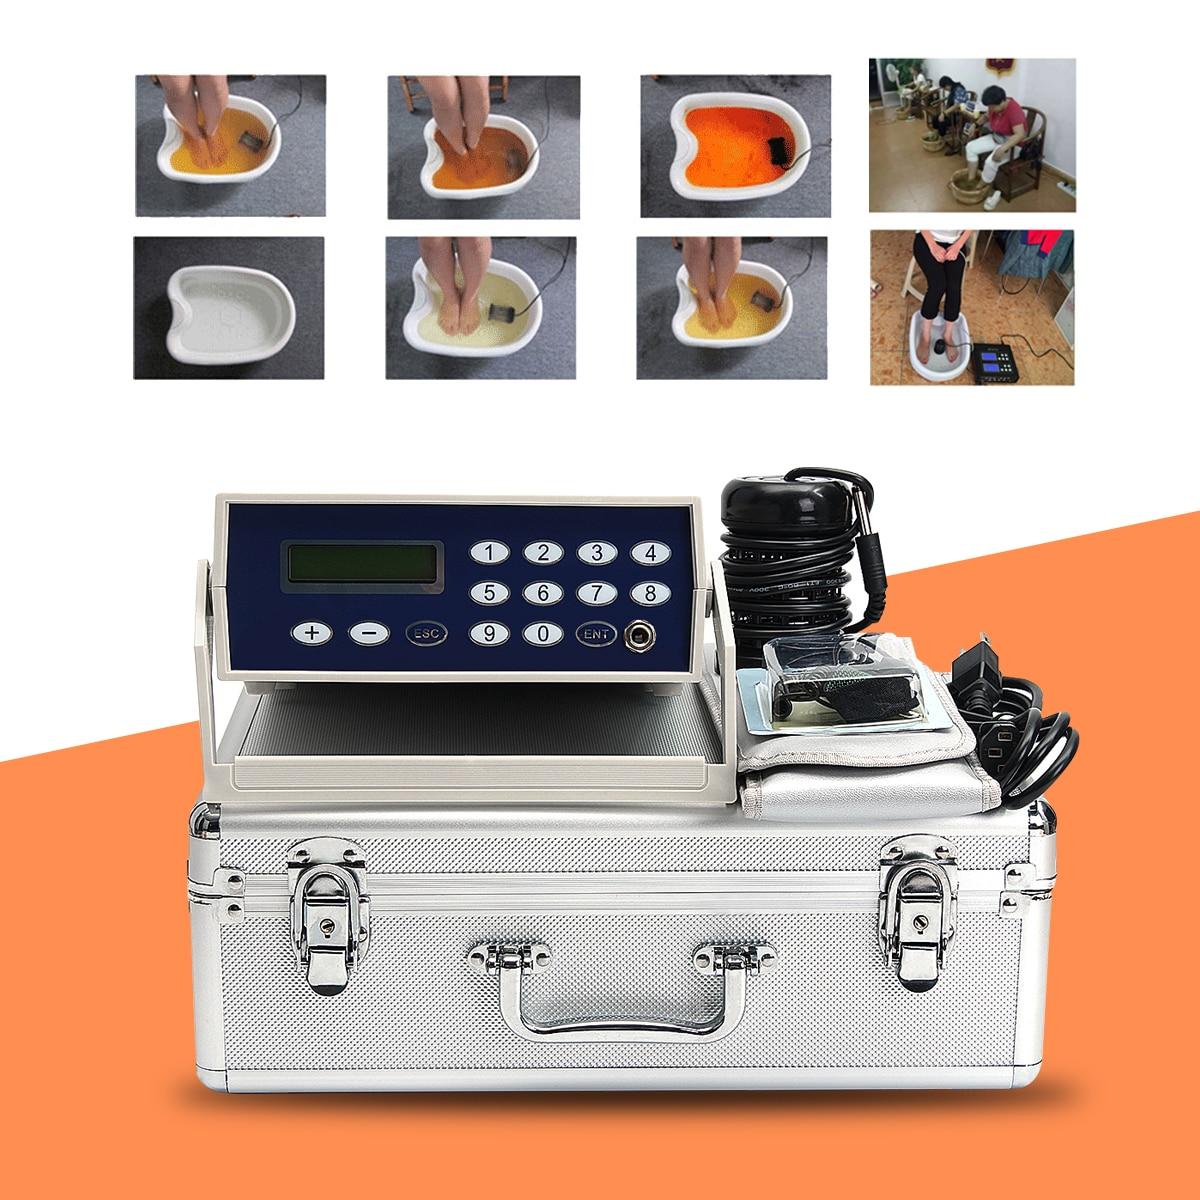 Détox soins des pieds Machine cellule Ion ionique Aqua bain de pieds SPA nettoyer Machine sapin ceinture boîte peut bain de pieds massage soulagement de la douleur machine